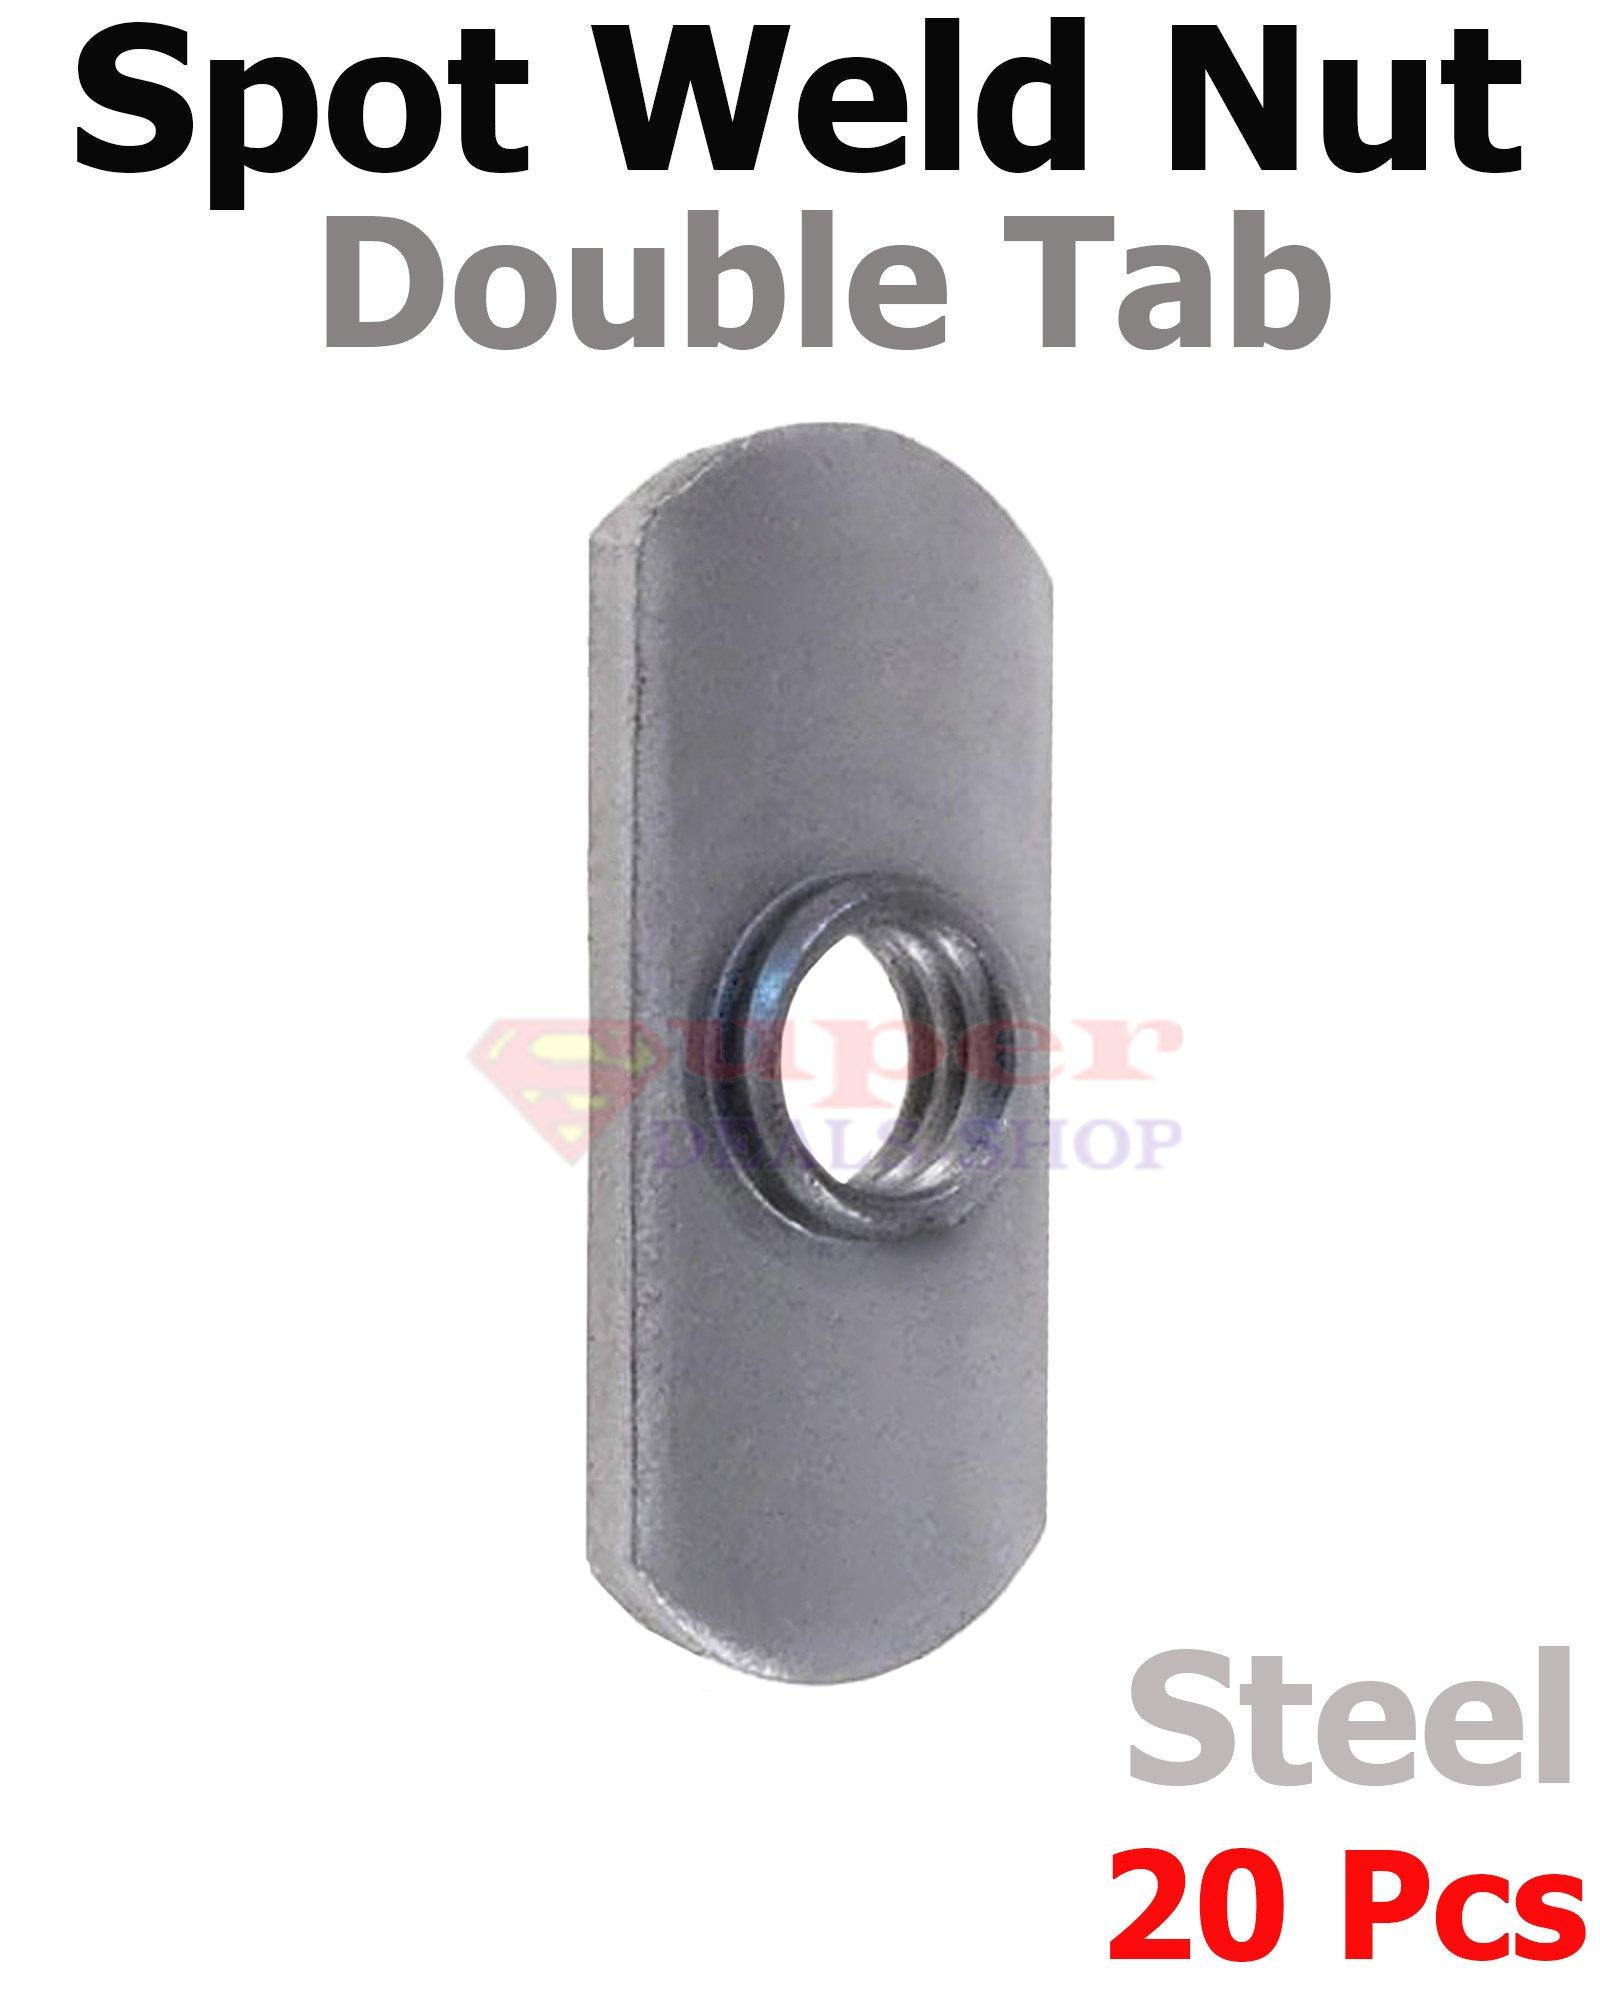 20 Pcs 3/8-16 Low-Carbon Steel Spot Double Tab Weld Nut Center Hole Slot Fastener Super-Deals-Shop